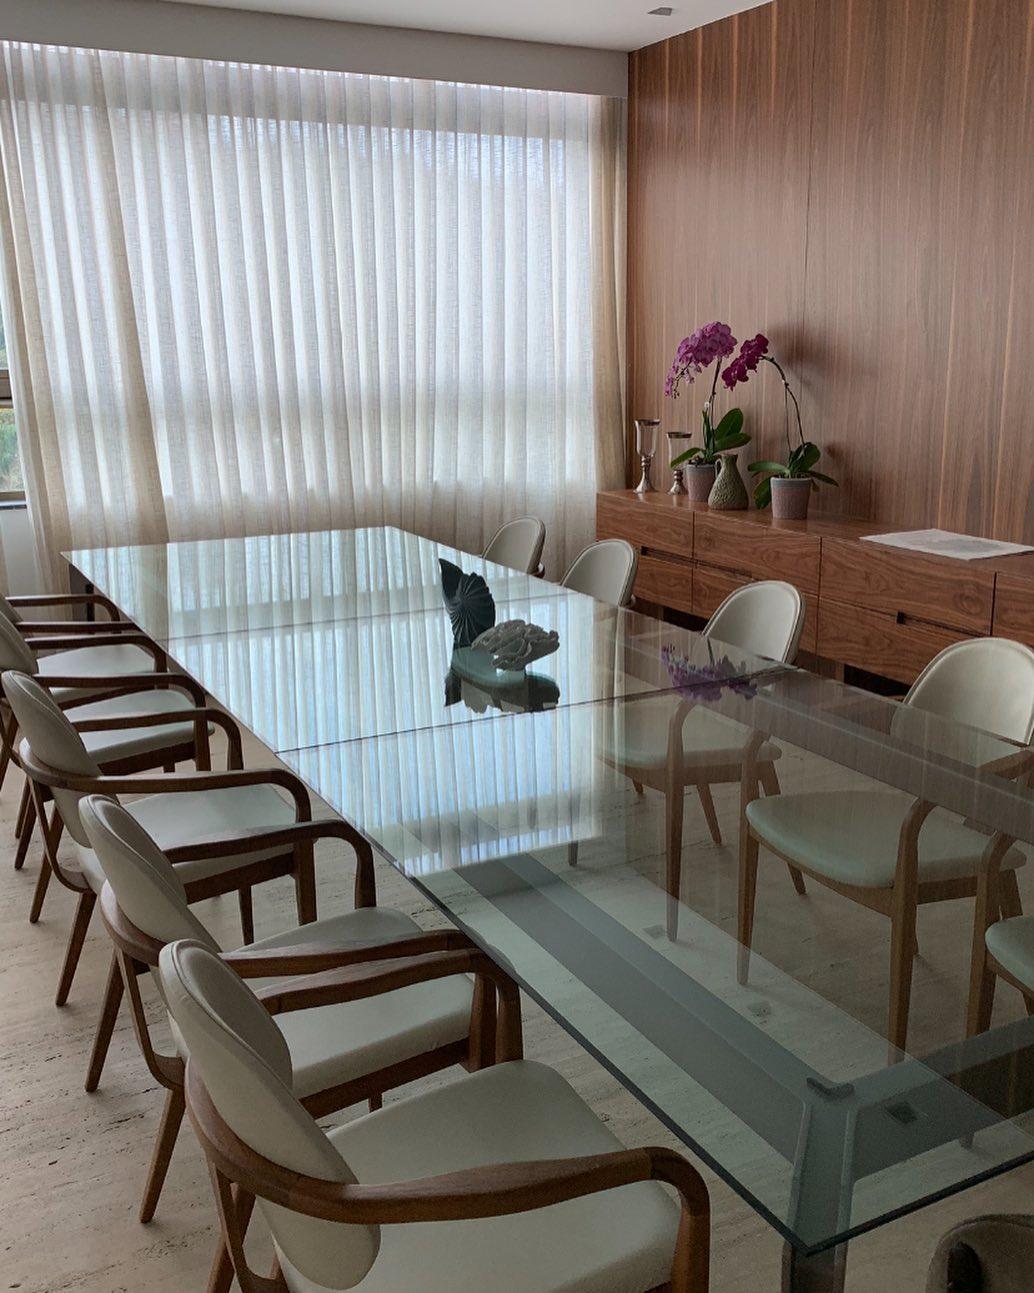 mesa de jantar de vidro transparente